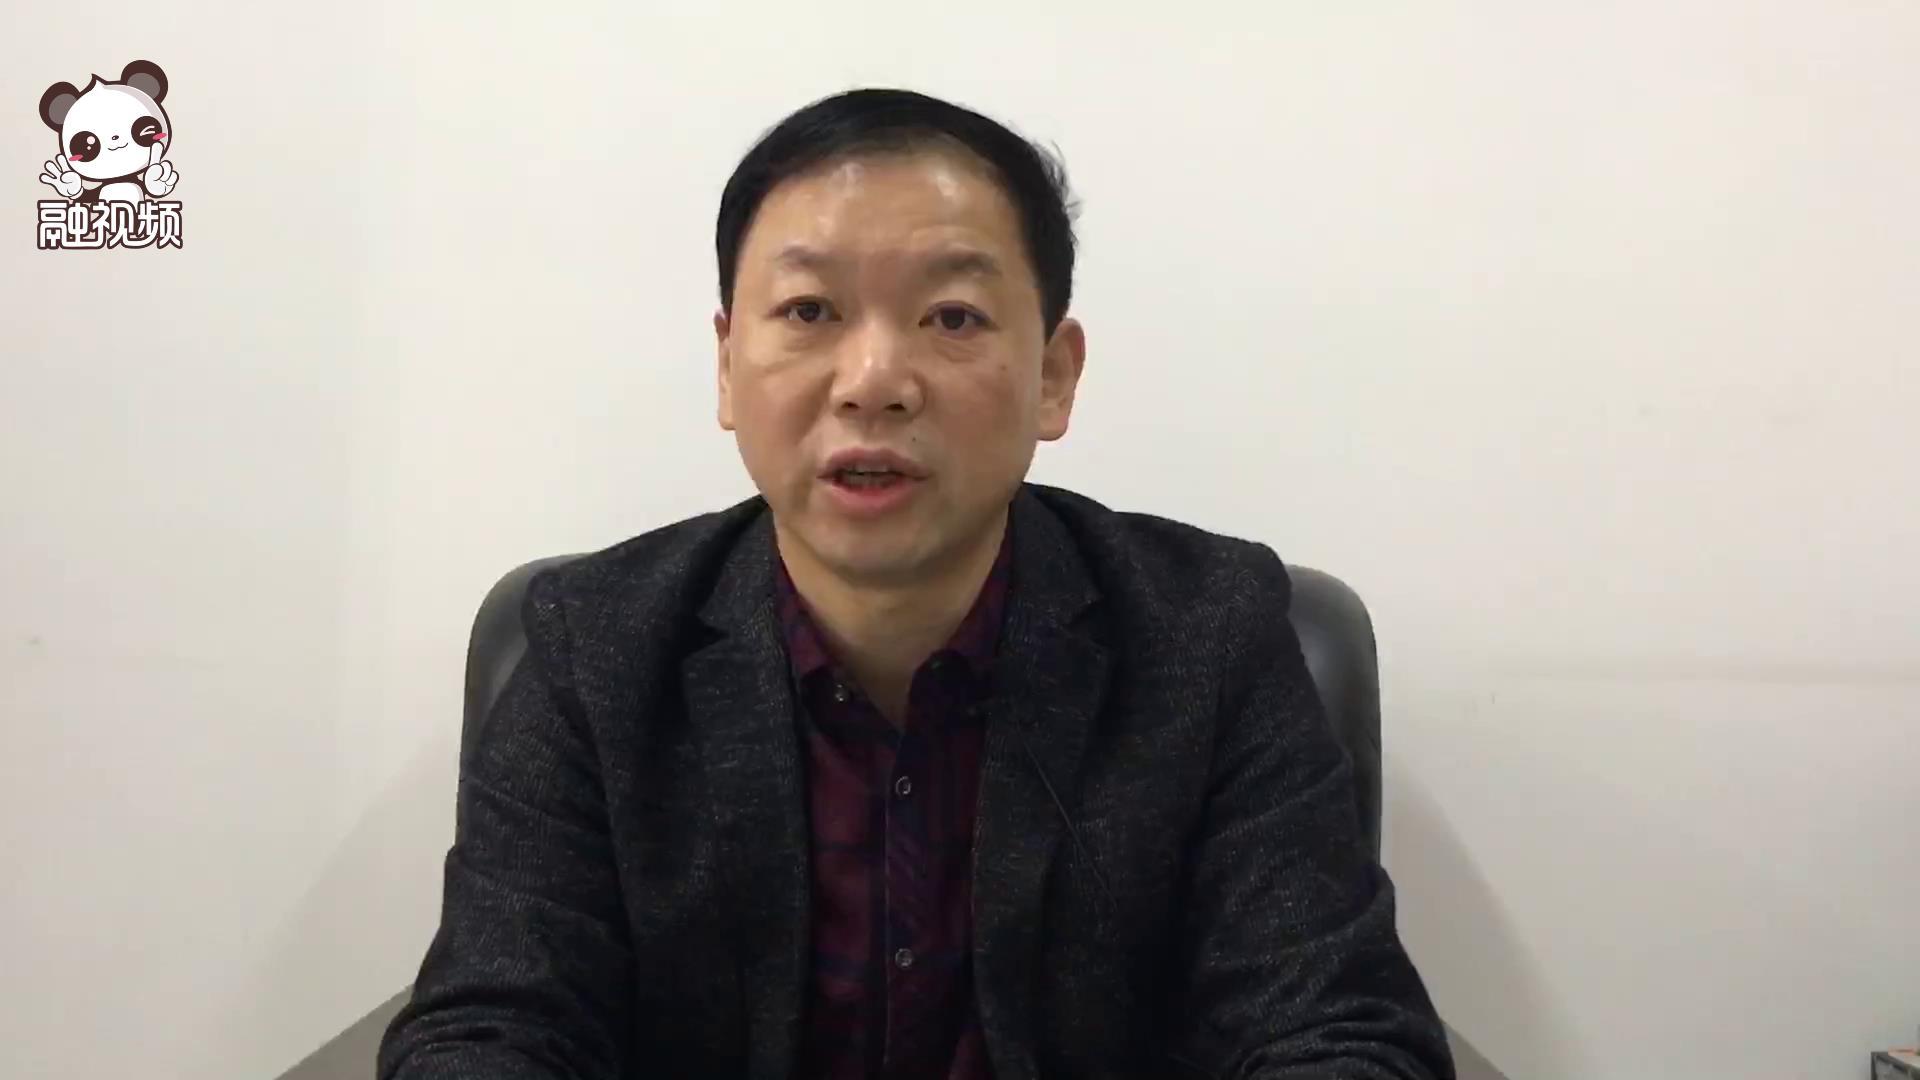 长沙市人民政府台湾事务办公室副主任袁湘鄂:欢迎台湾青年来长沙生活、就业、创业图片